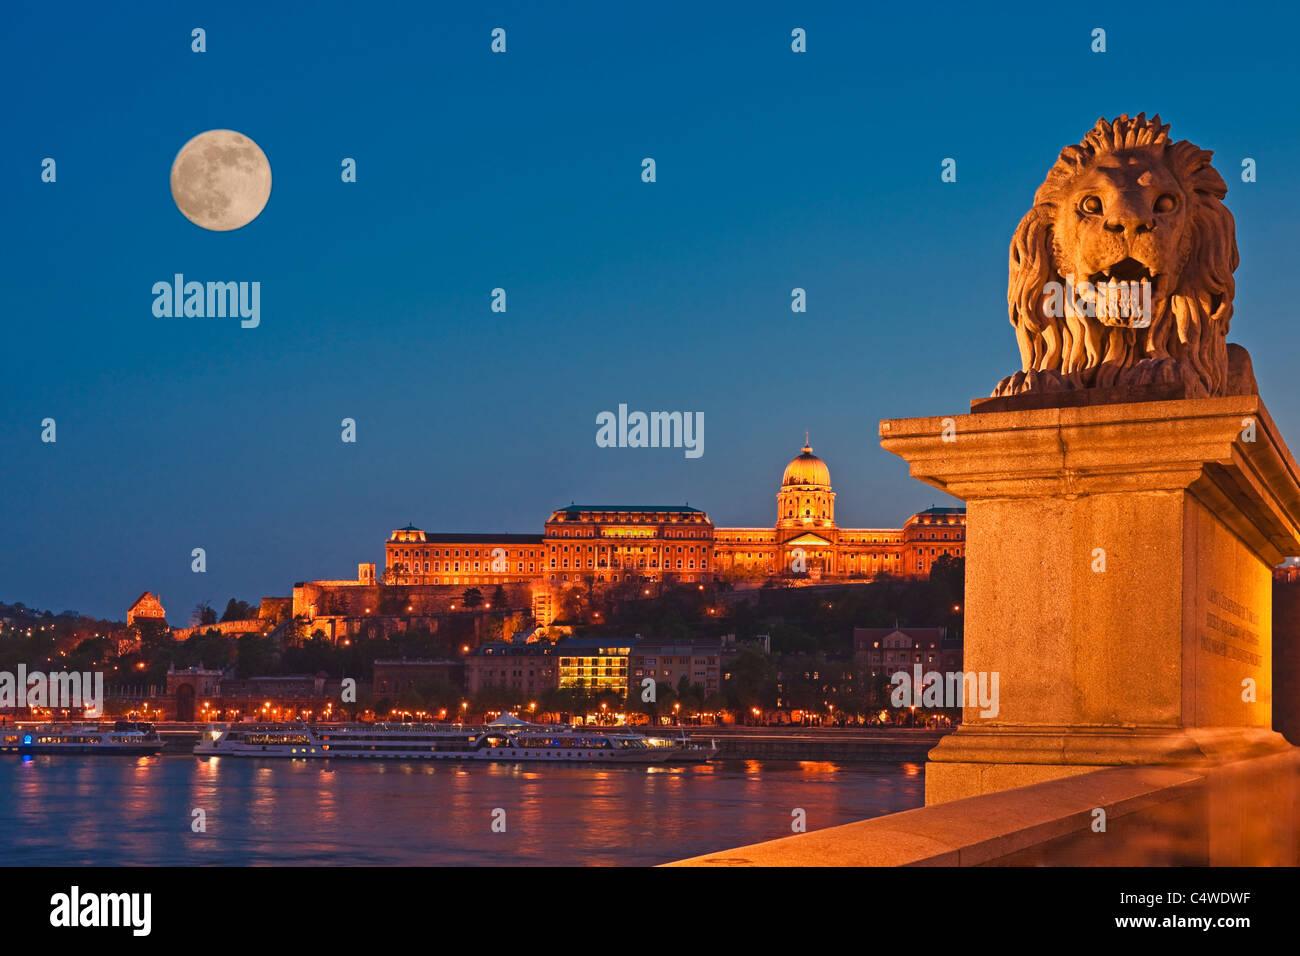 Buda Castle, Budapest, Hungary, Europe - Stock Image